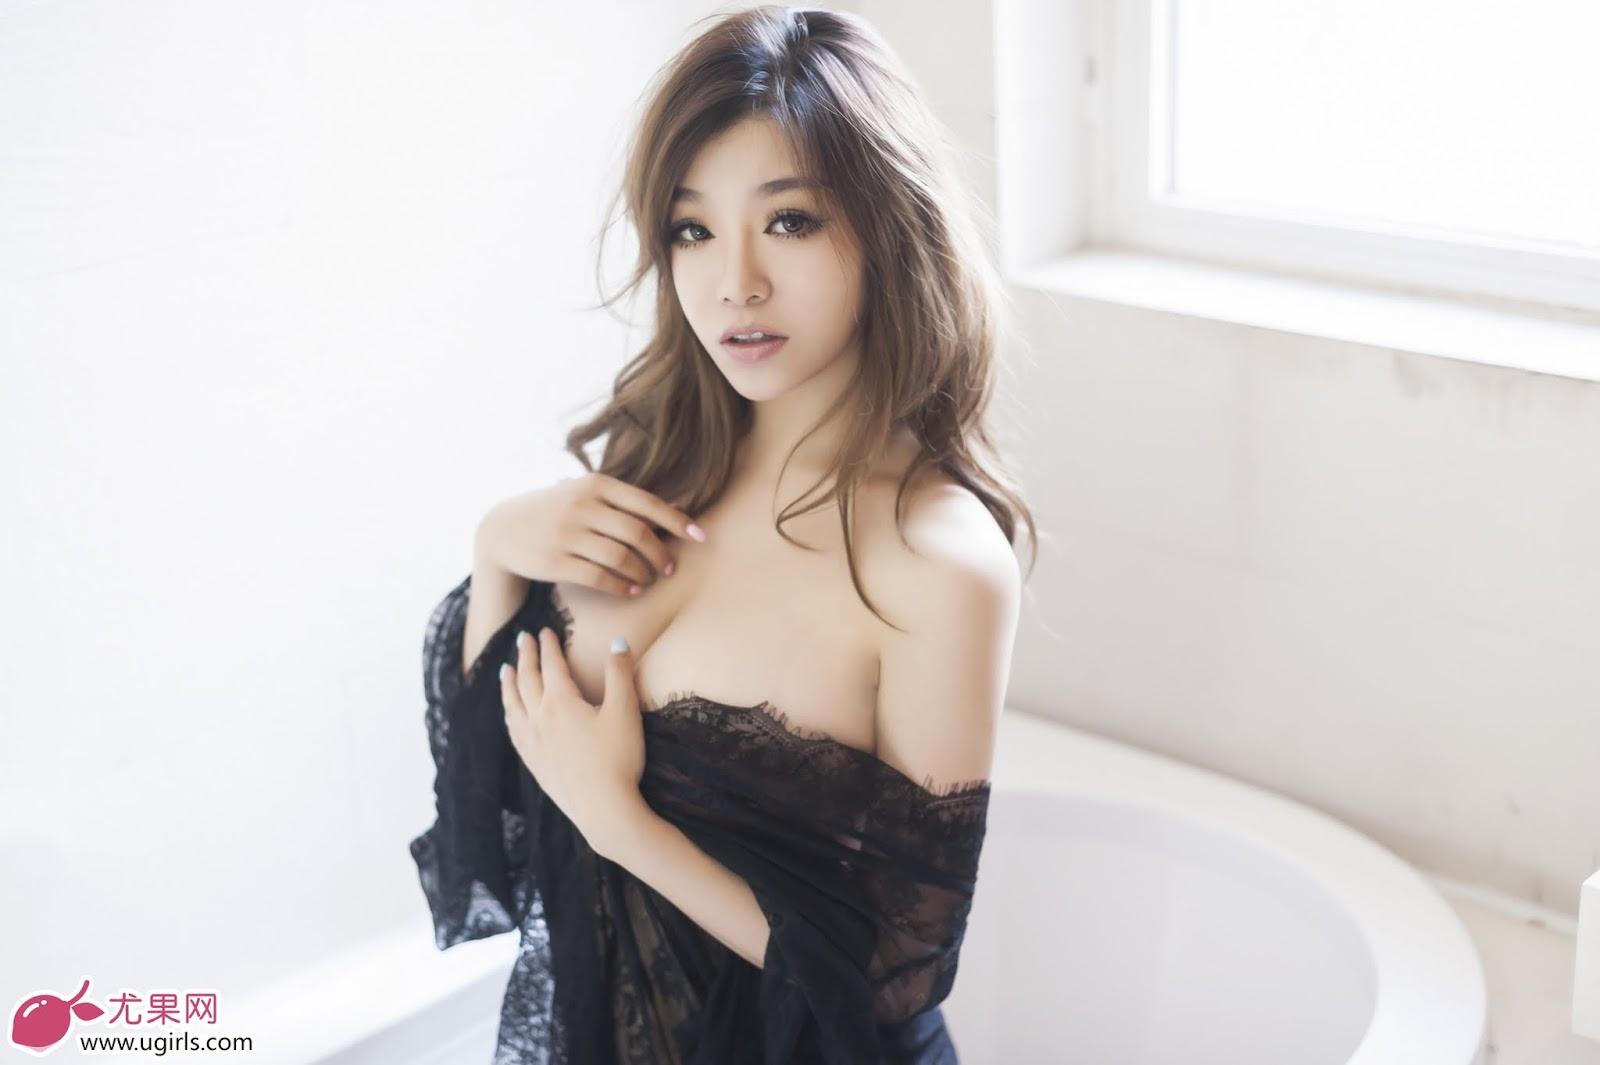 Hot Girl Ugirls No.022 Model: 刘娅希 Big Tits